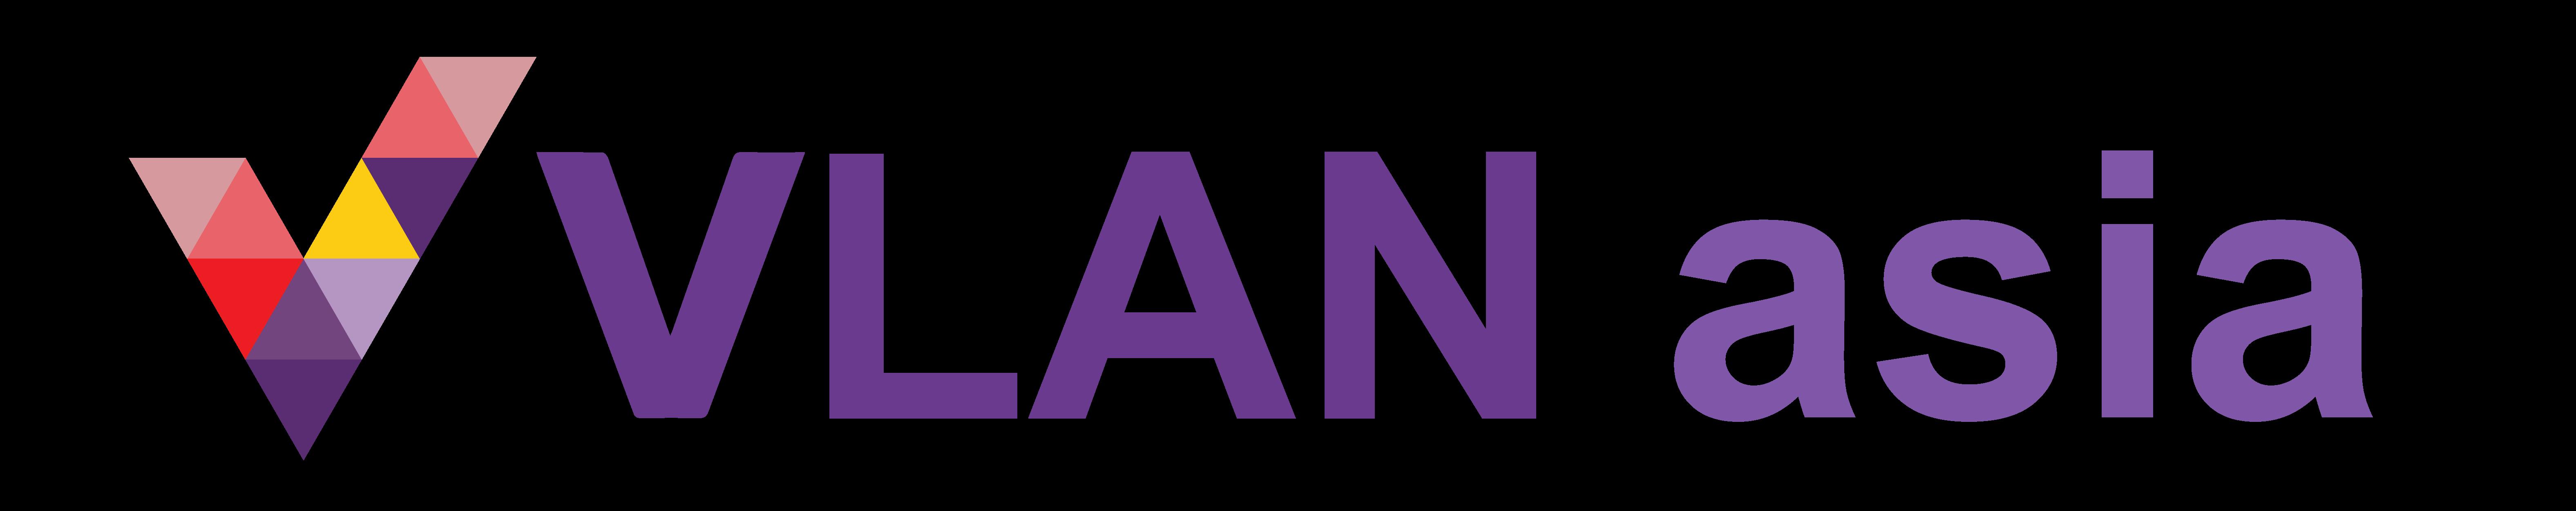 vlanasia-logo-v2 transparent-02